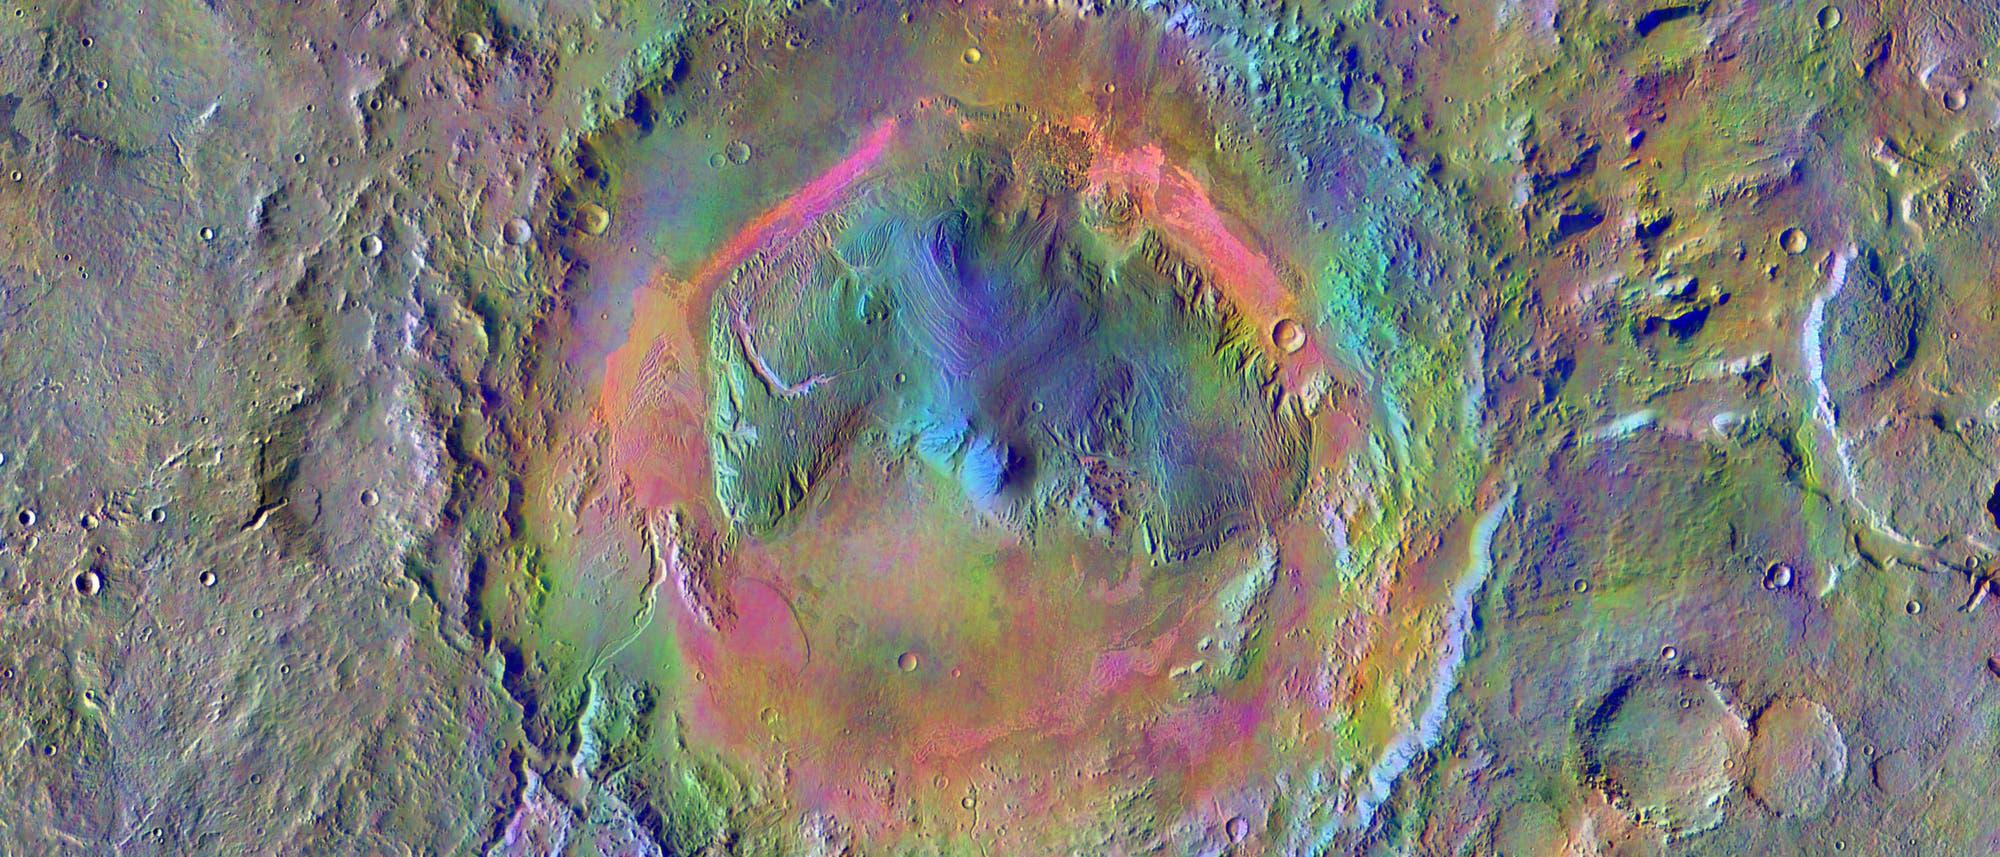 Der Krater Gale auf dem Mars. Der Marsrover Curiosity ist im Jahr 2012 in diesem Krater gelandet.